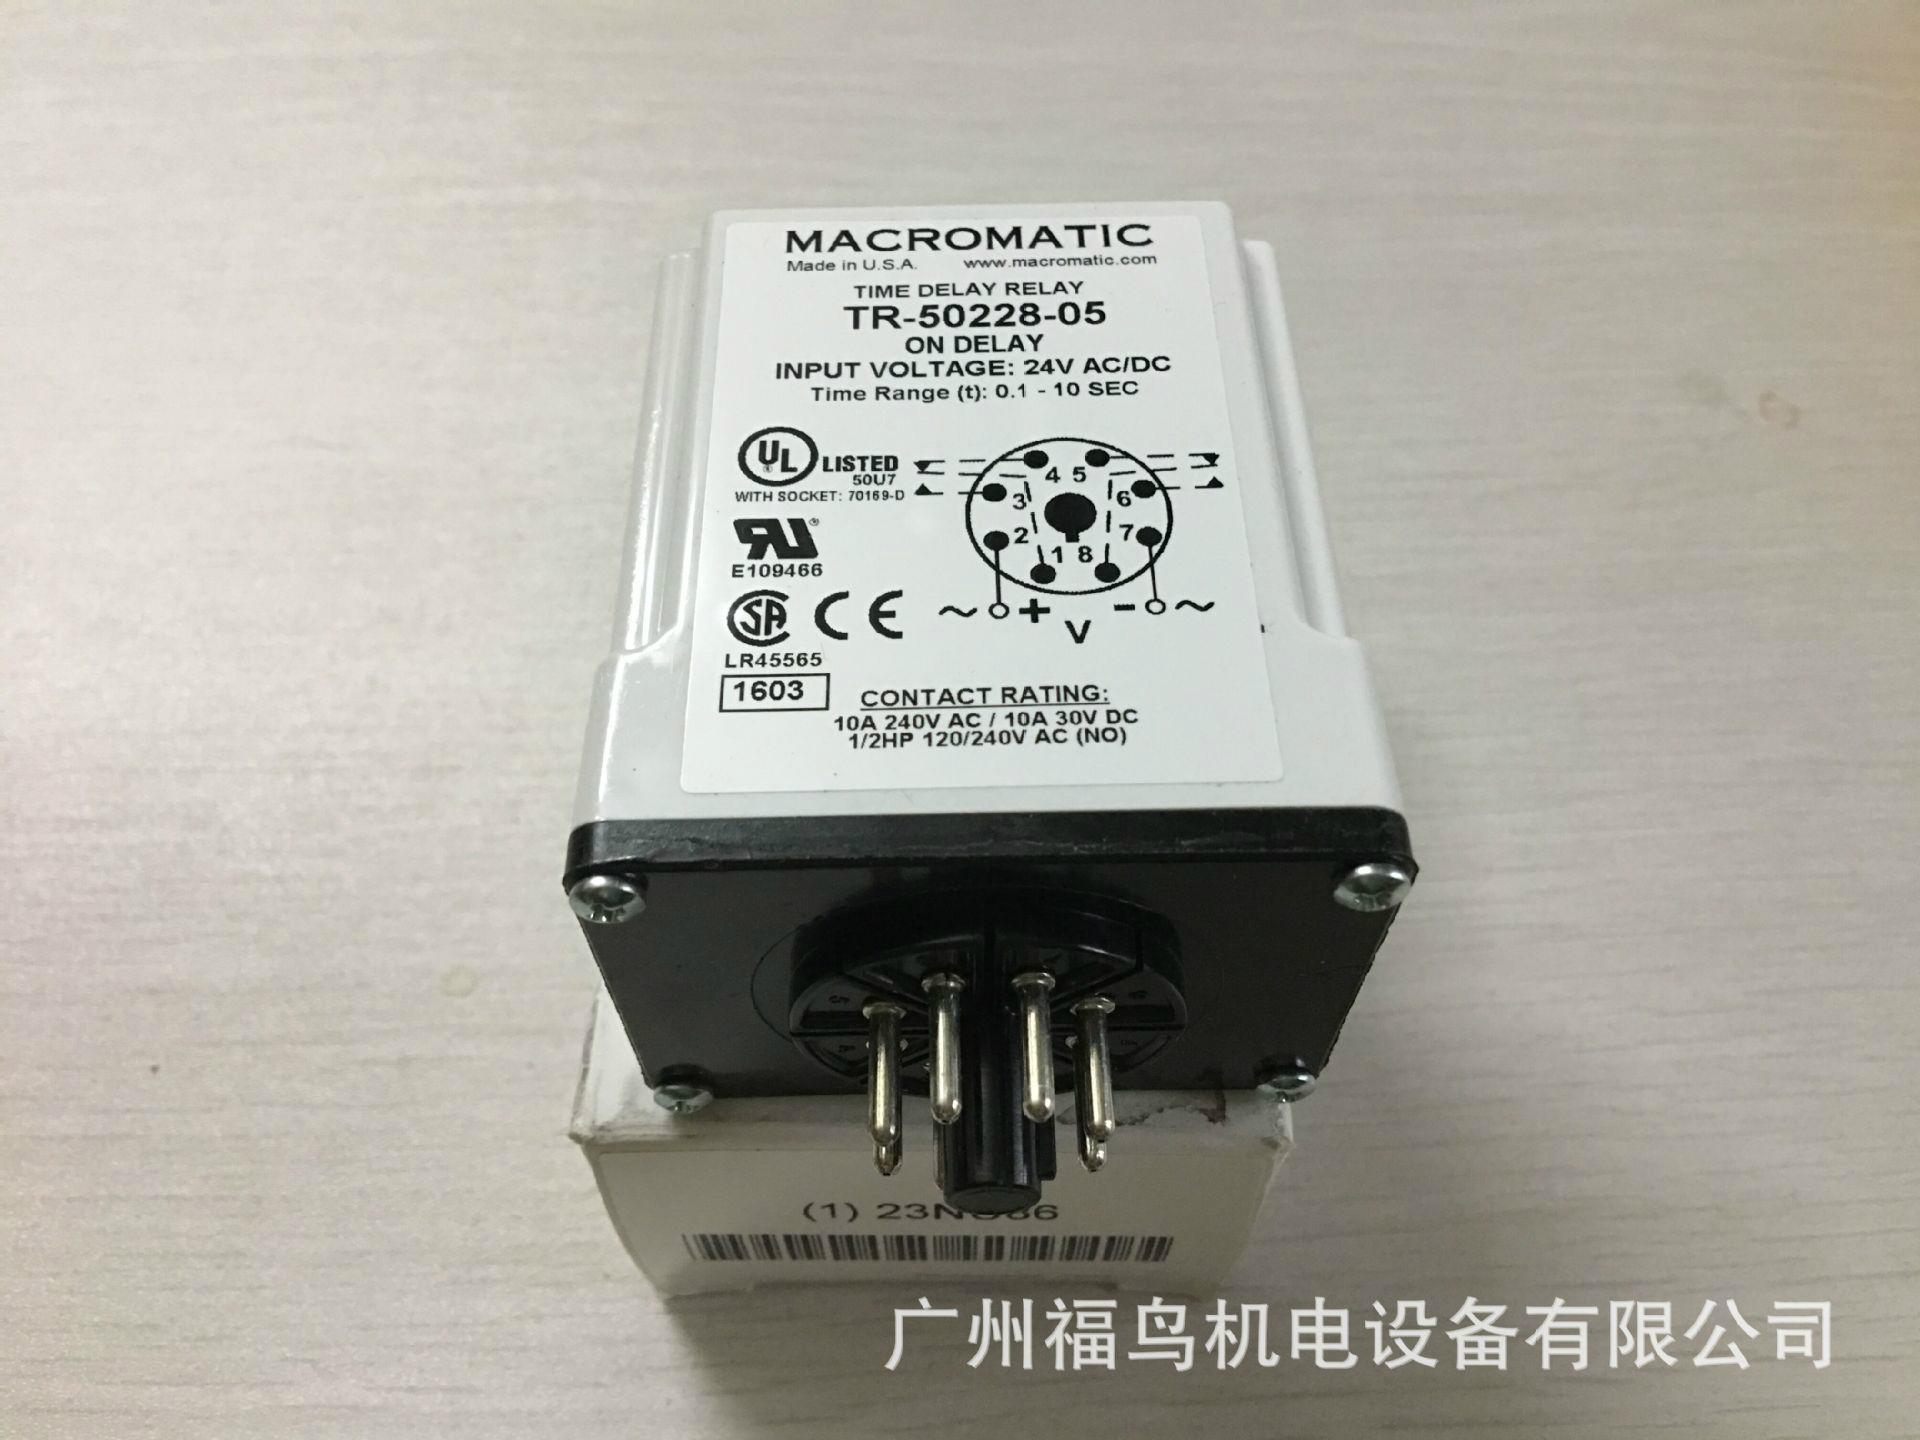 现货供应MACROMATIC时间继电器(TR-50228-05) 6